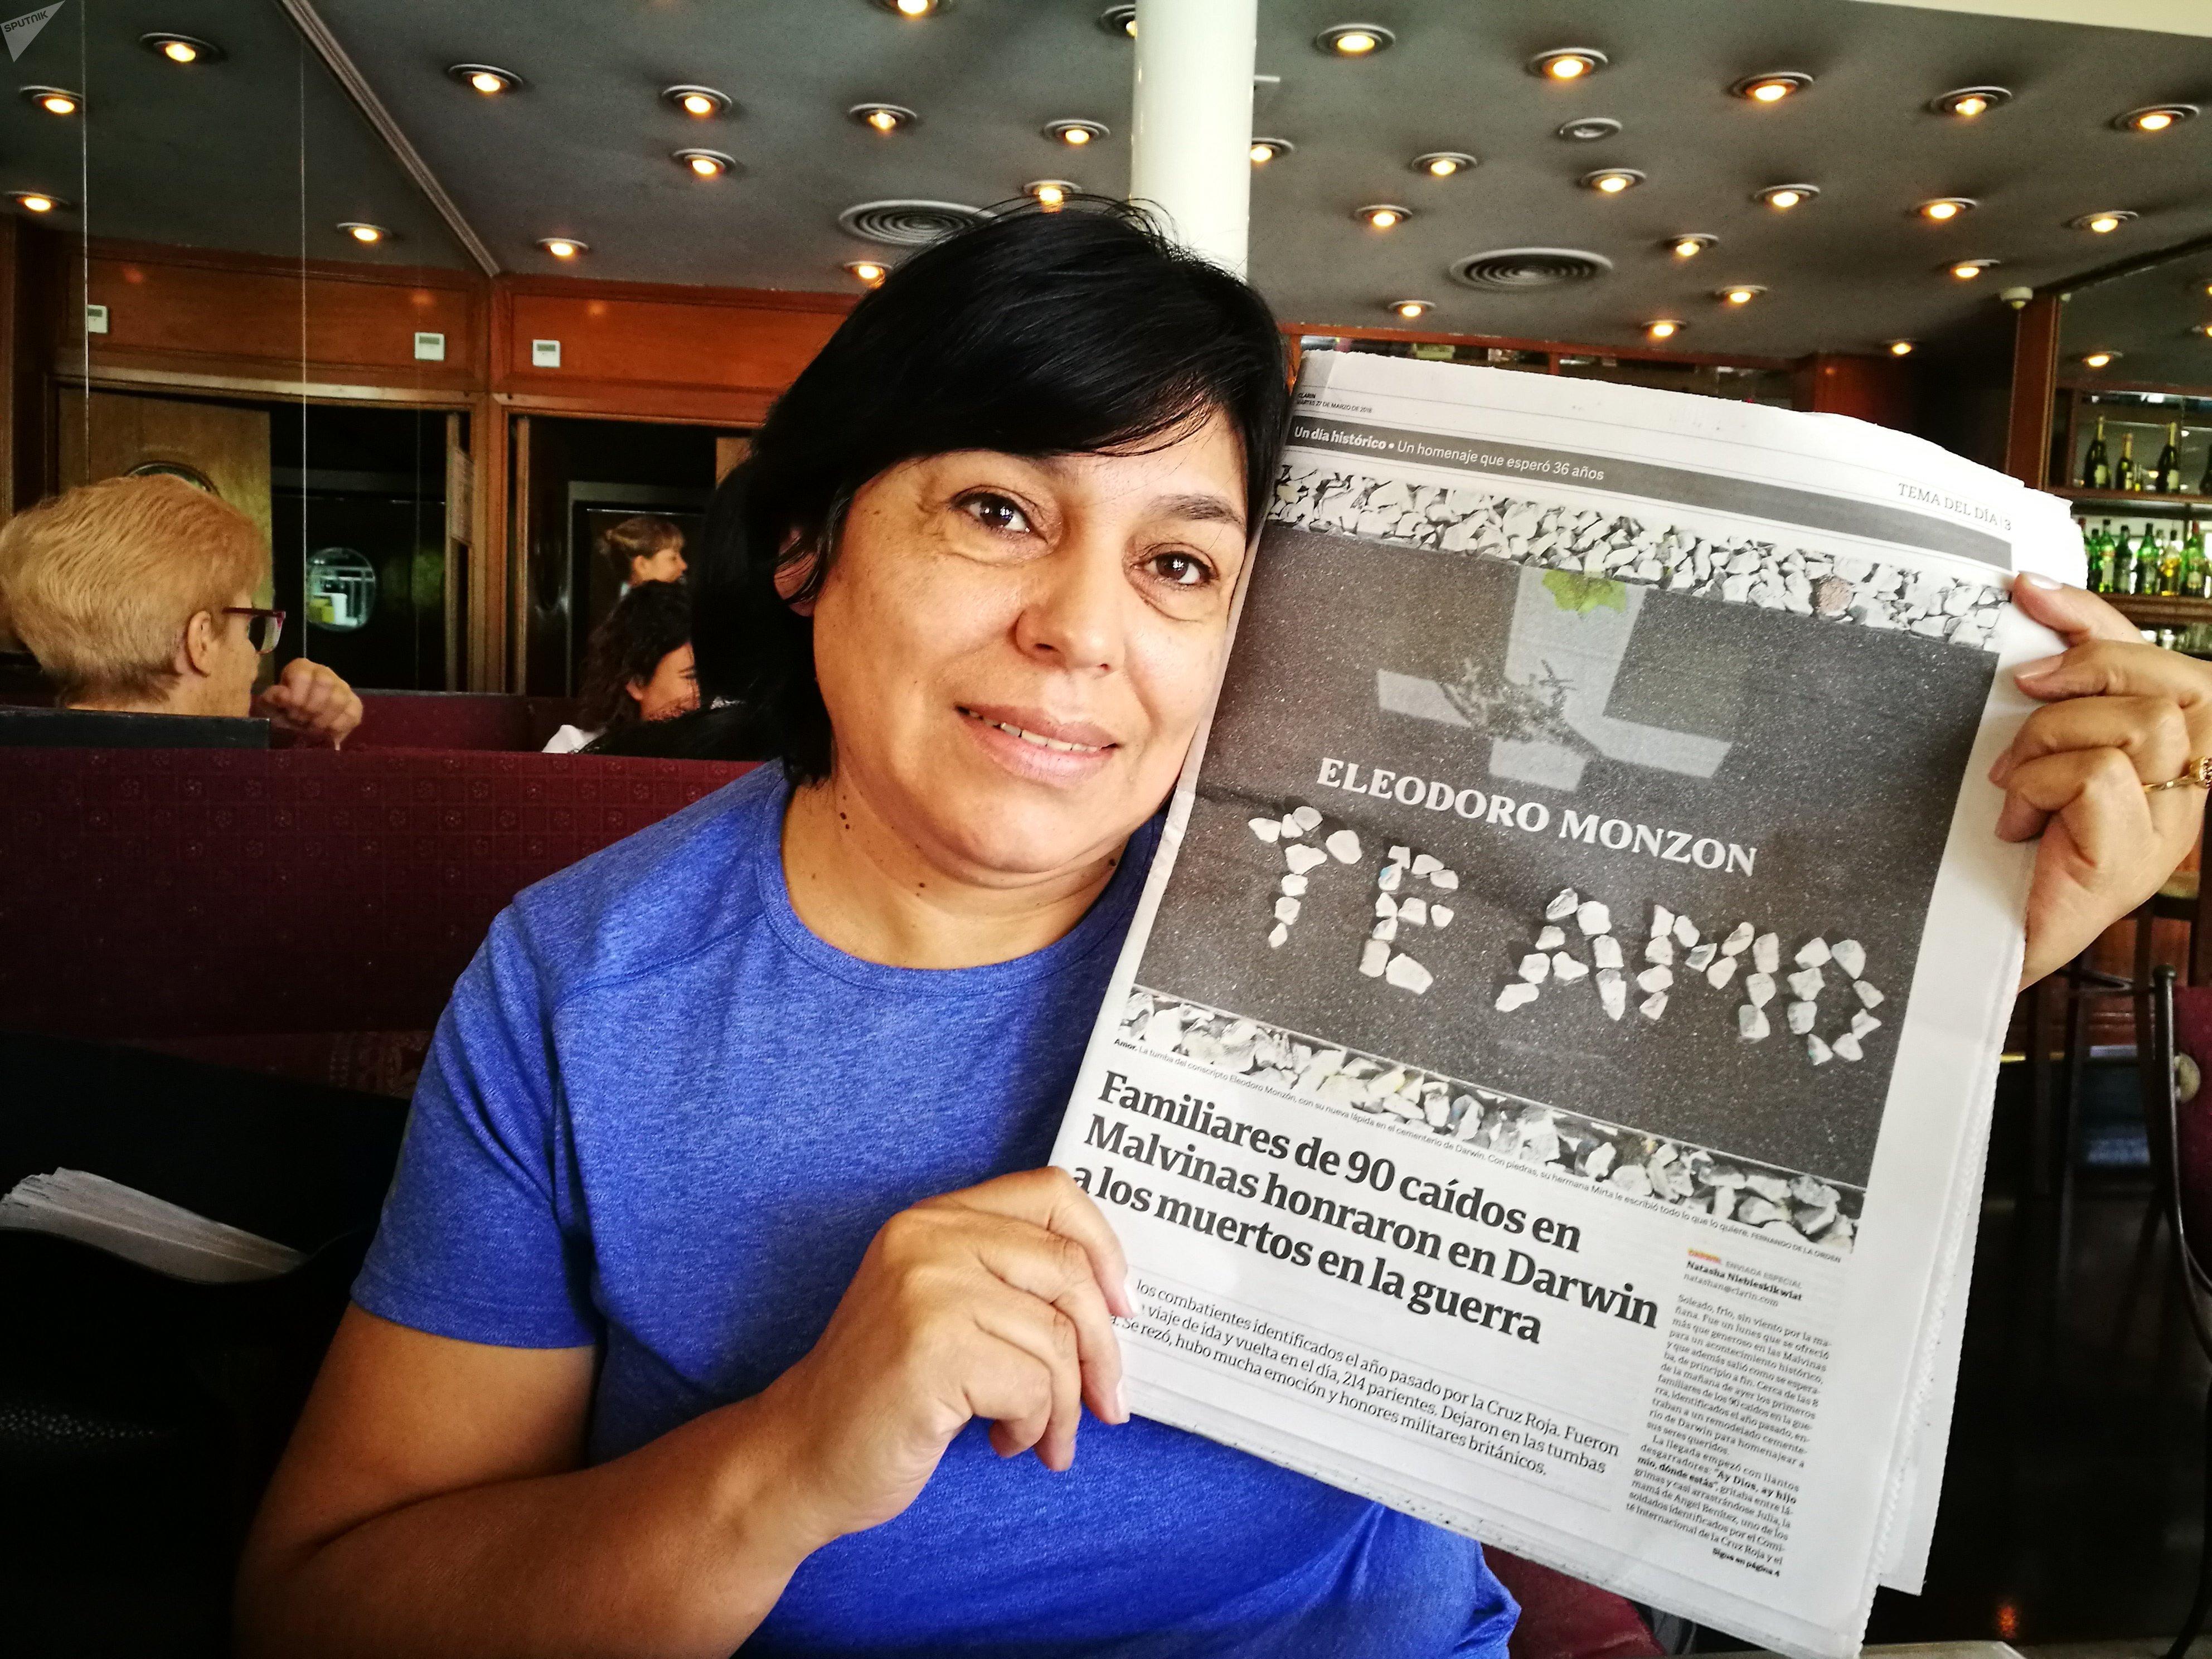 Mirta Monzón, hermana de Eleodoro Monzón, combatiente argentino caído en Malvinas